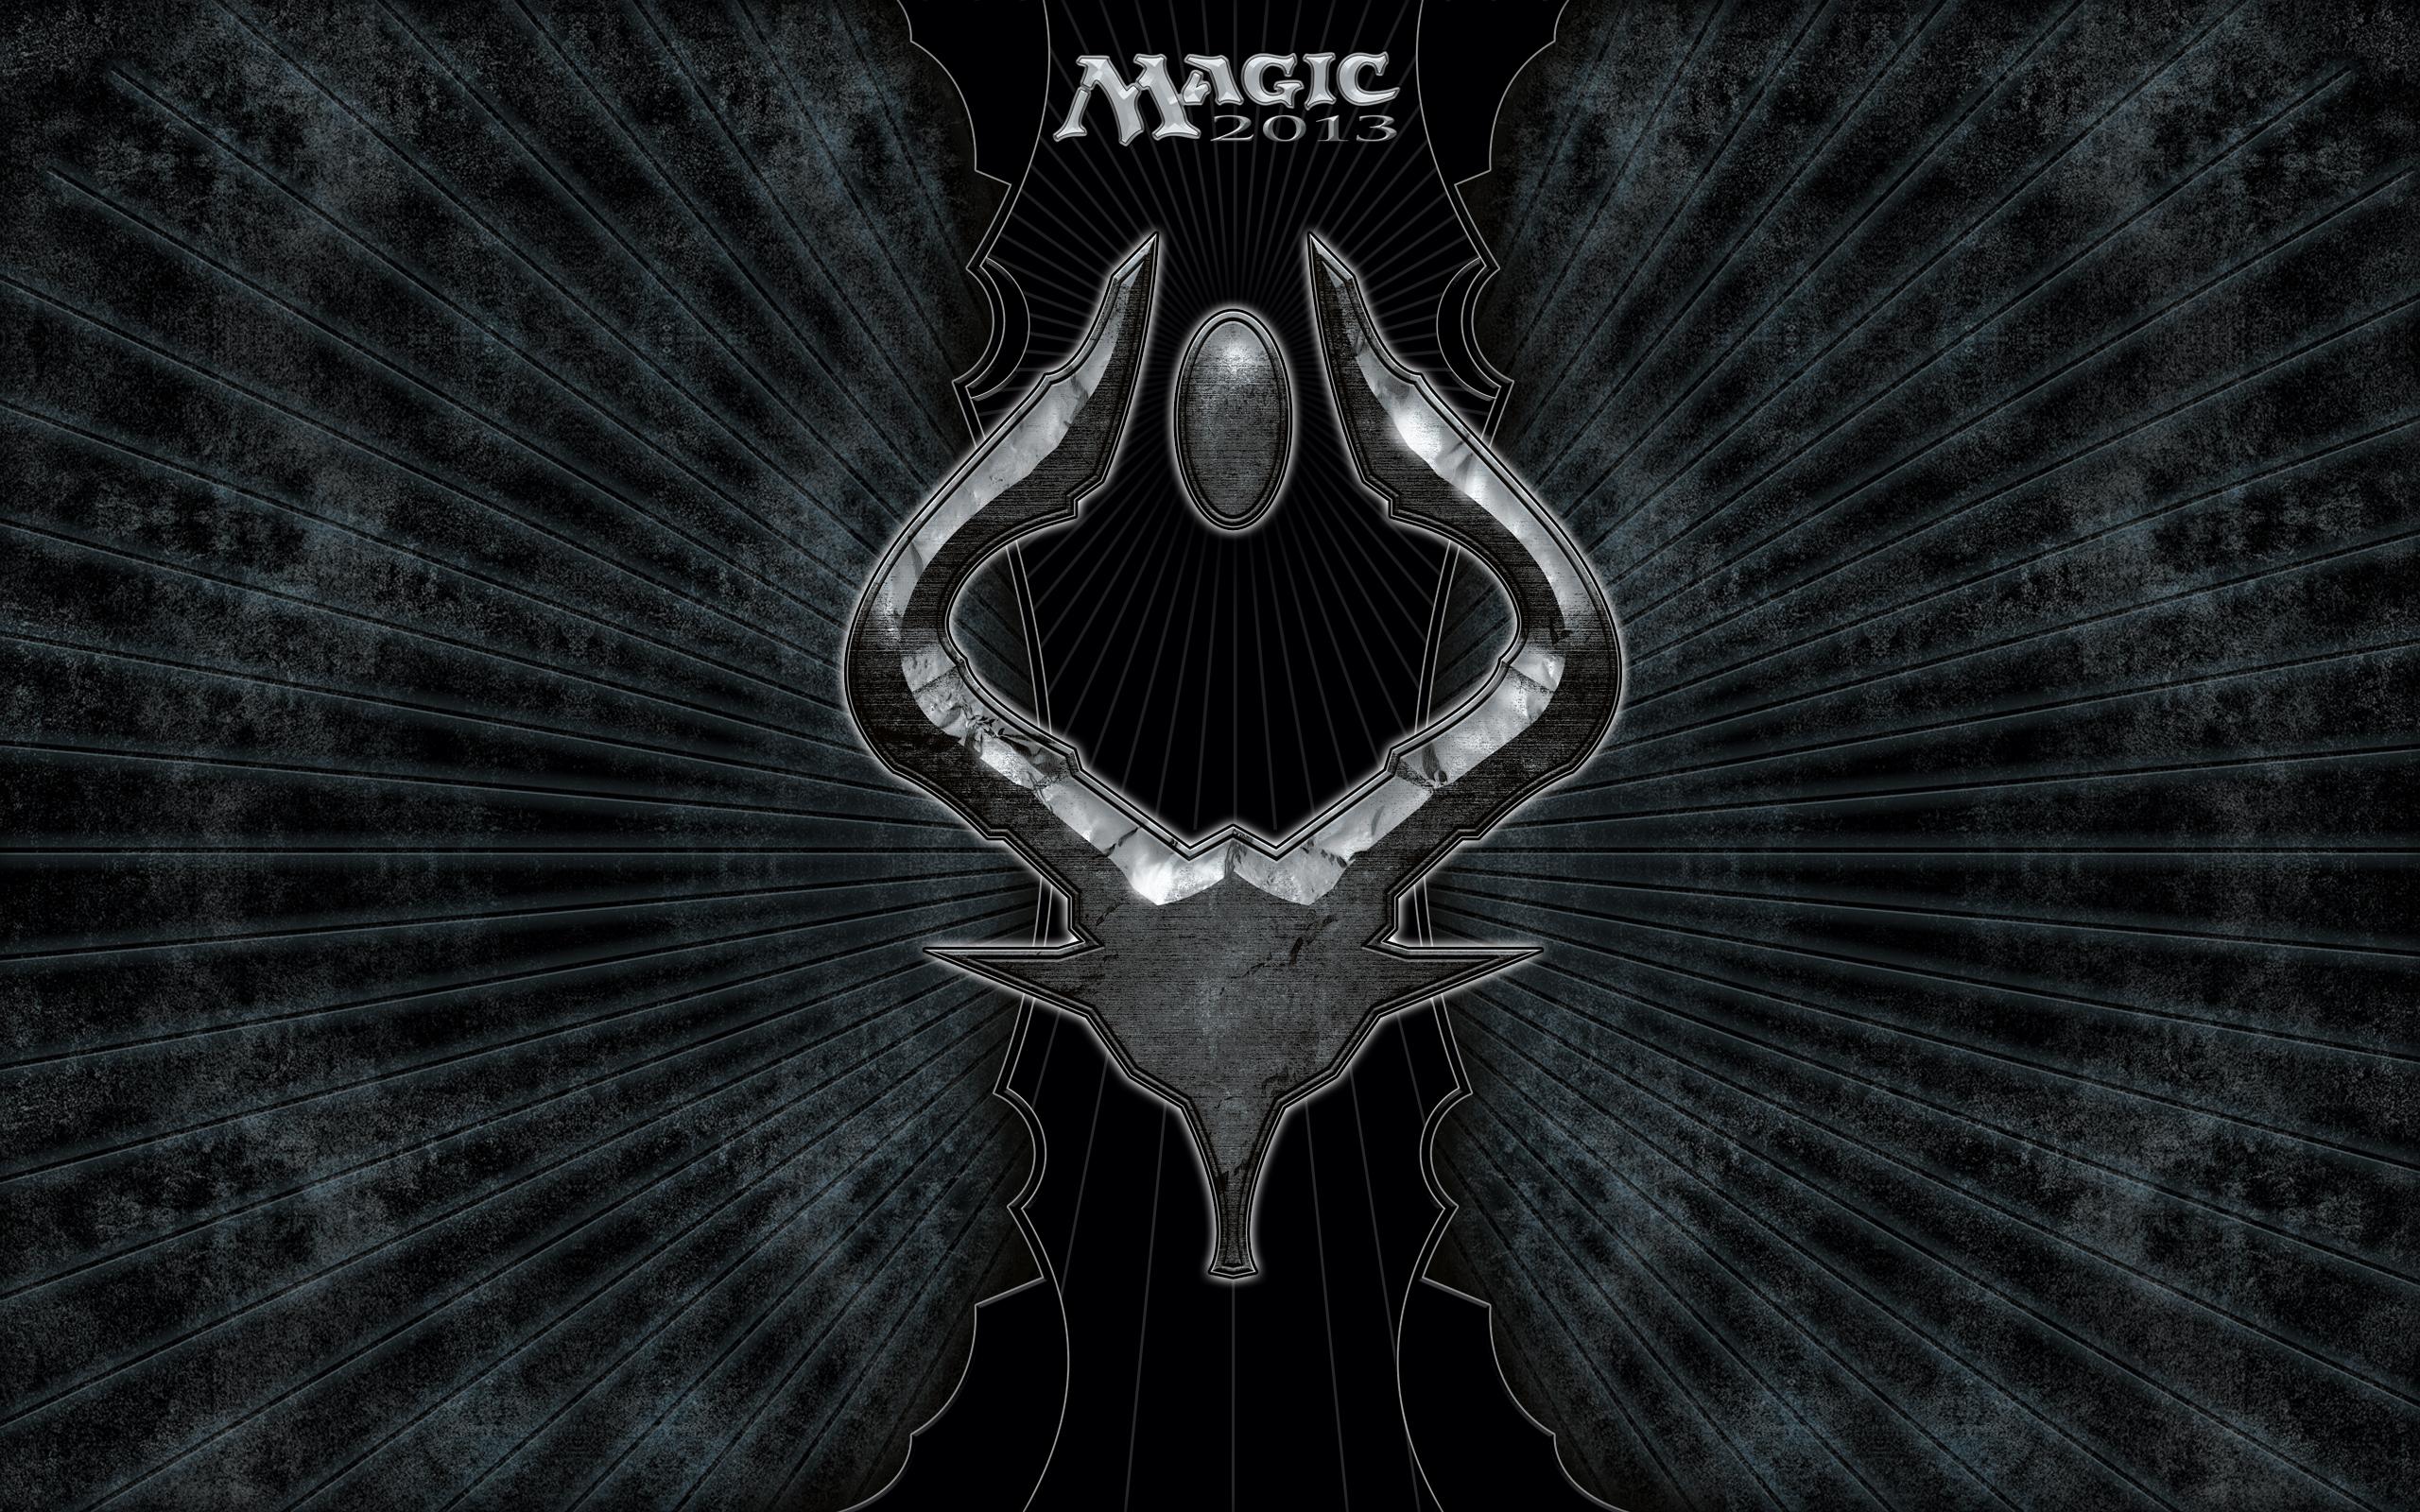 Mtg Realm Magic 2013 Wallpaper